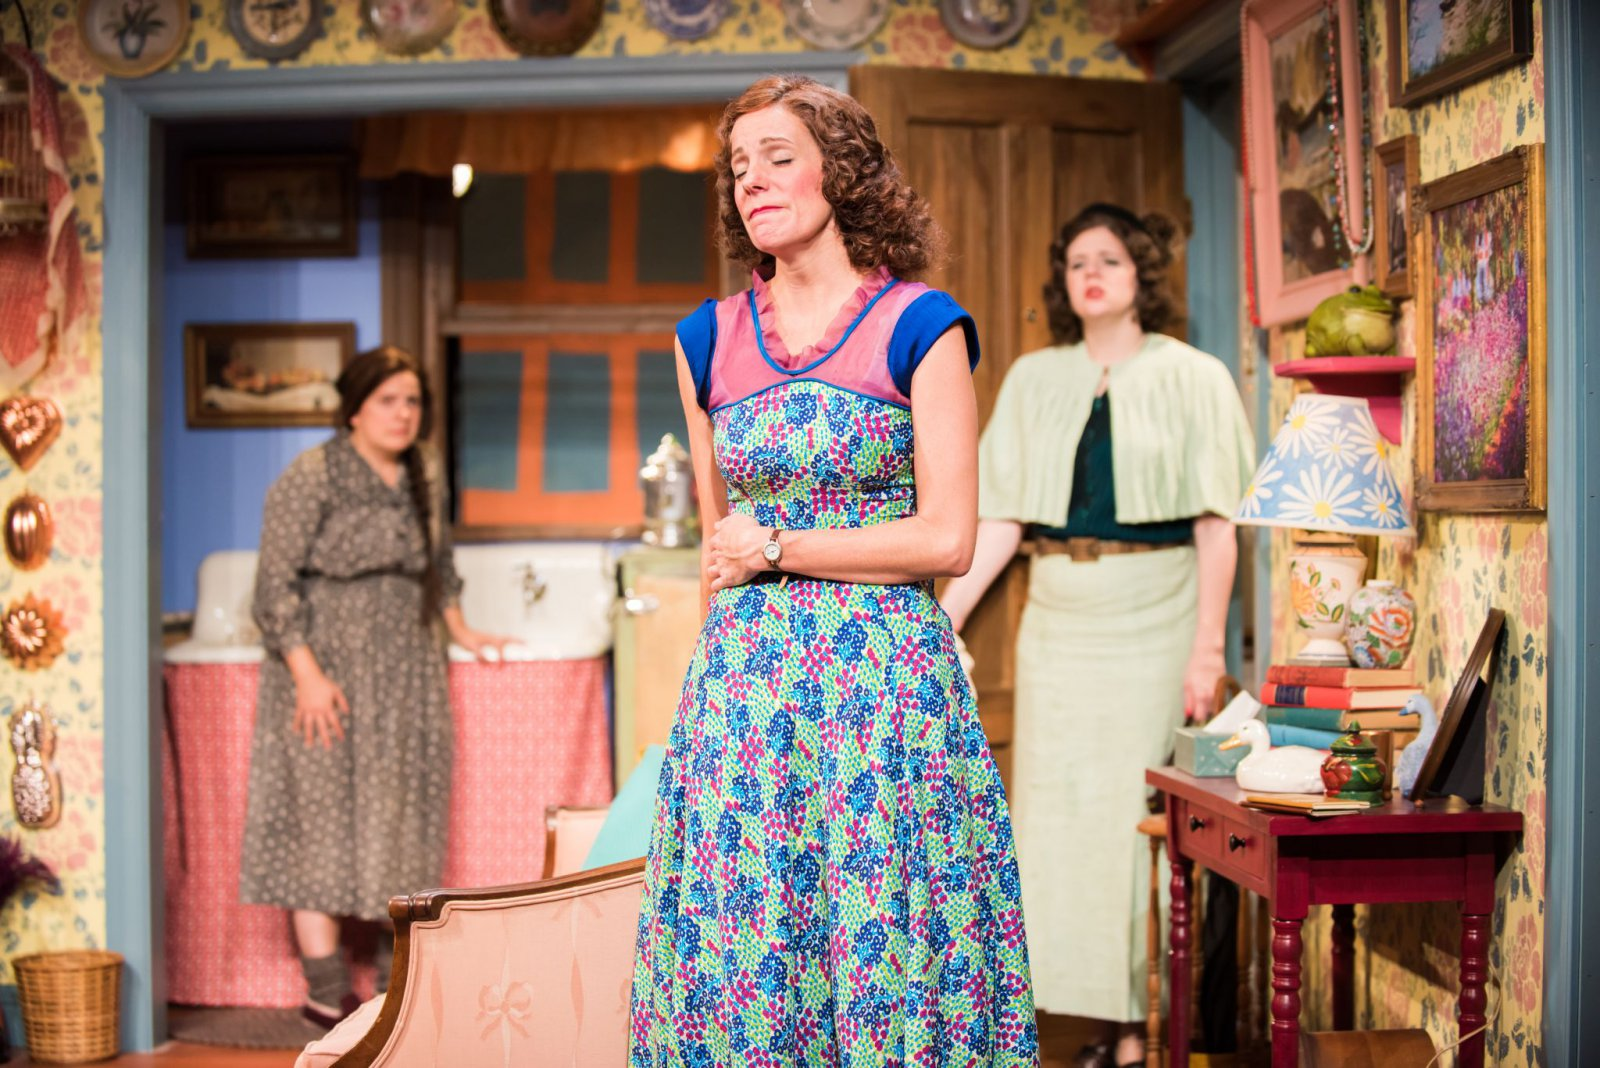 L-R: Karen Estrada as Sophie Gluck, Kay Allmand as Dorothea, Molly Rhode as Helena